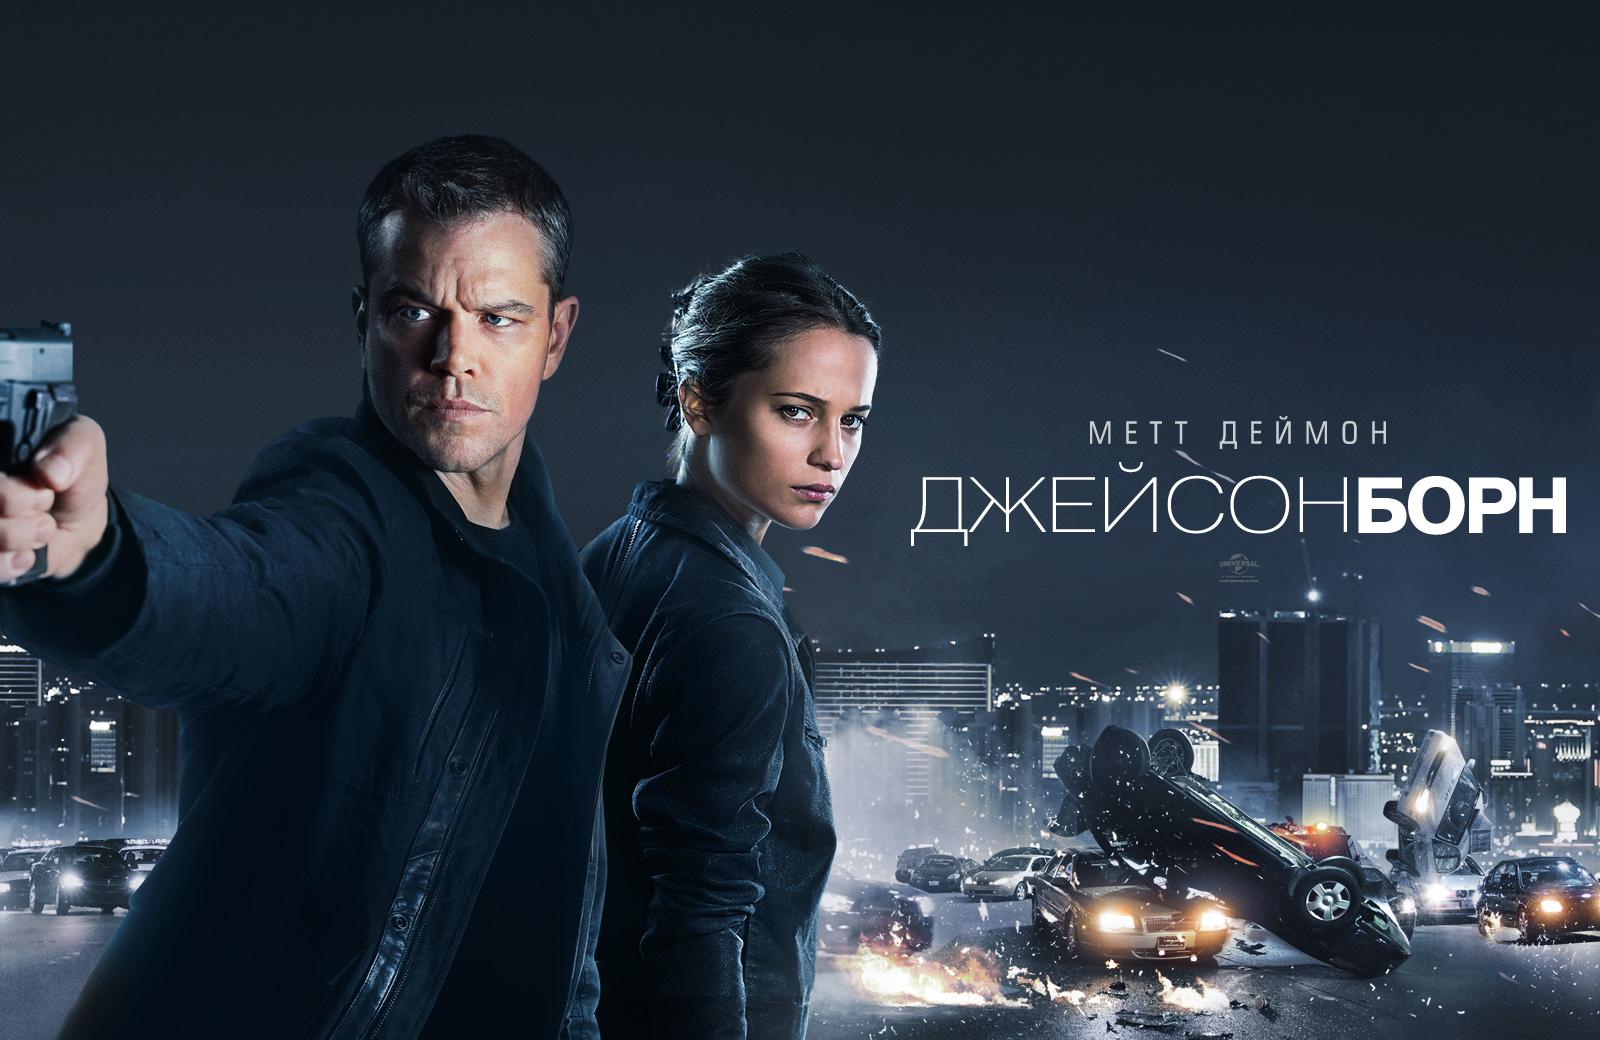 Планета Кіно IMAX- мережа кінотеатрів з супертехнологією IMAX в Україну